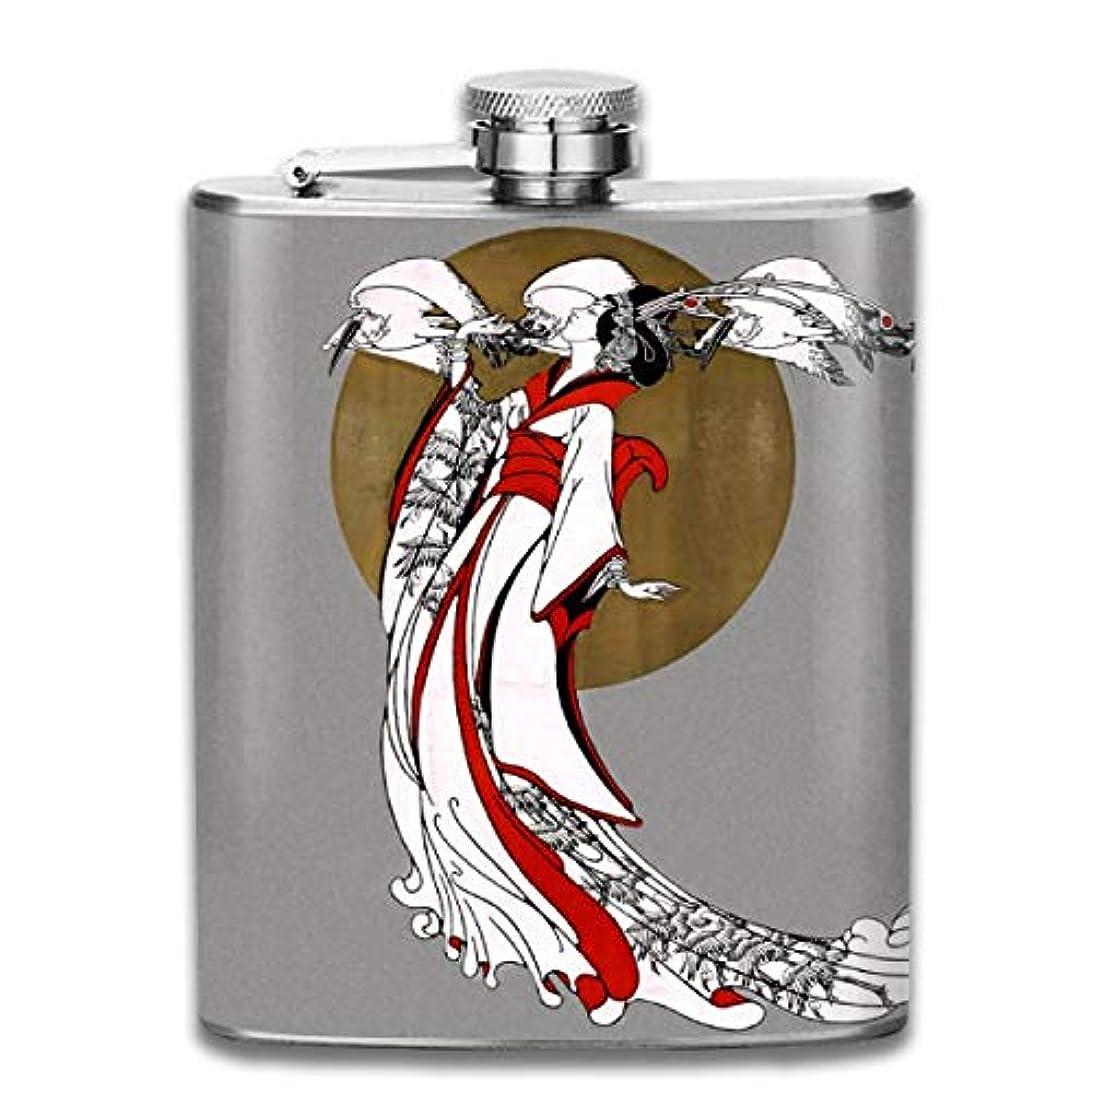 レジデンス空中出力ブルームン 酒器 酒瓶 お酒 フラスコ 鶴と女 ボトル 携帯用 フラゴン ワインポット 7oz 200ml ステンレス製 メンズ U型